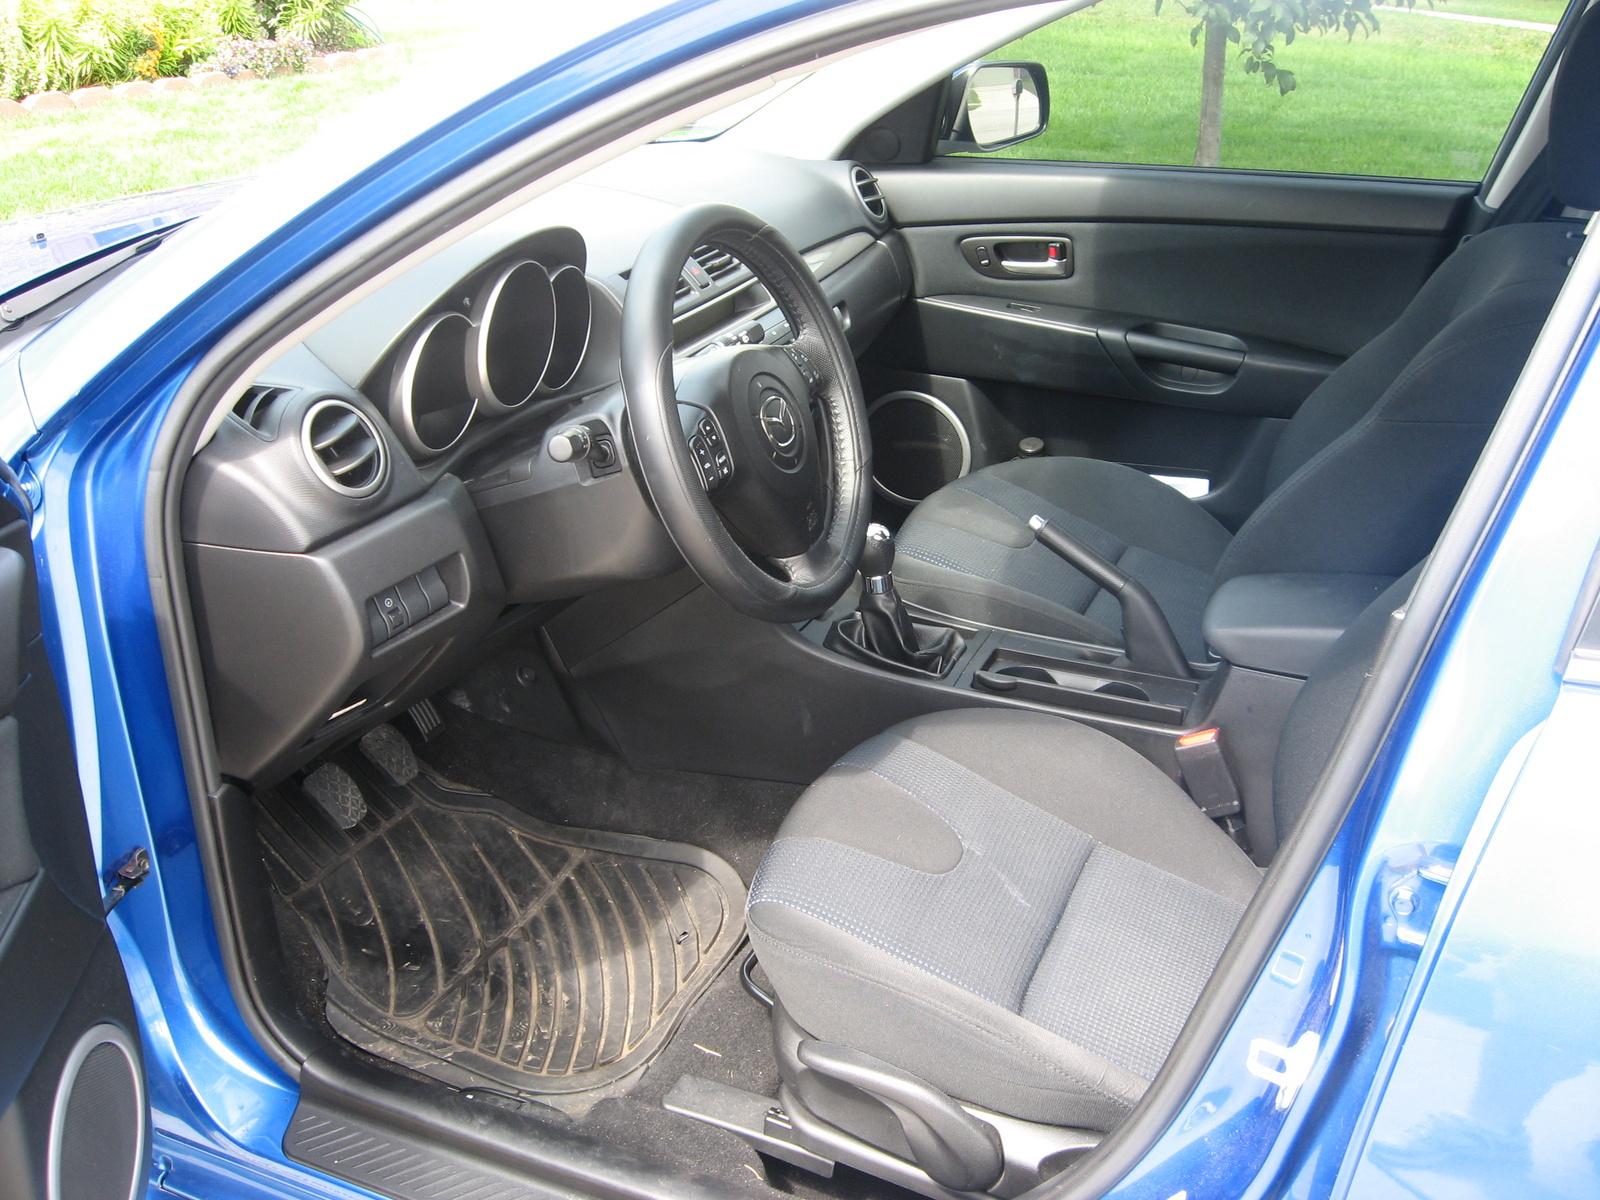 2006 Mazda Mazda3 Interior Pictures Cargurus